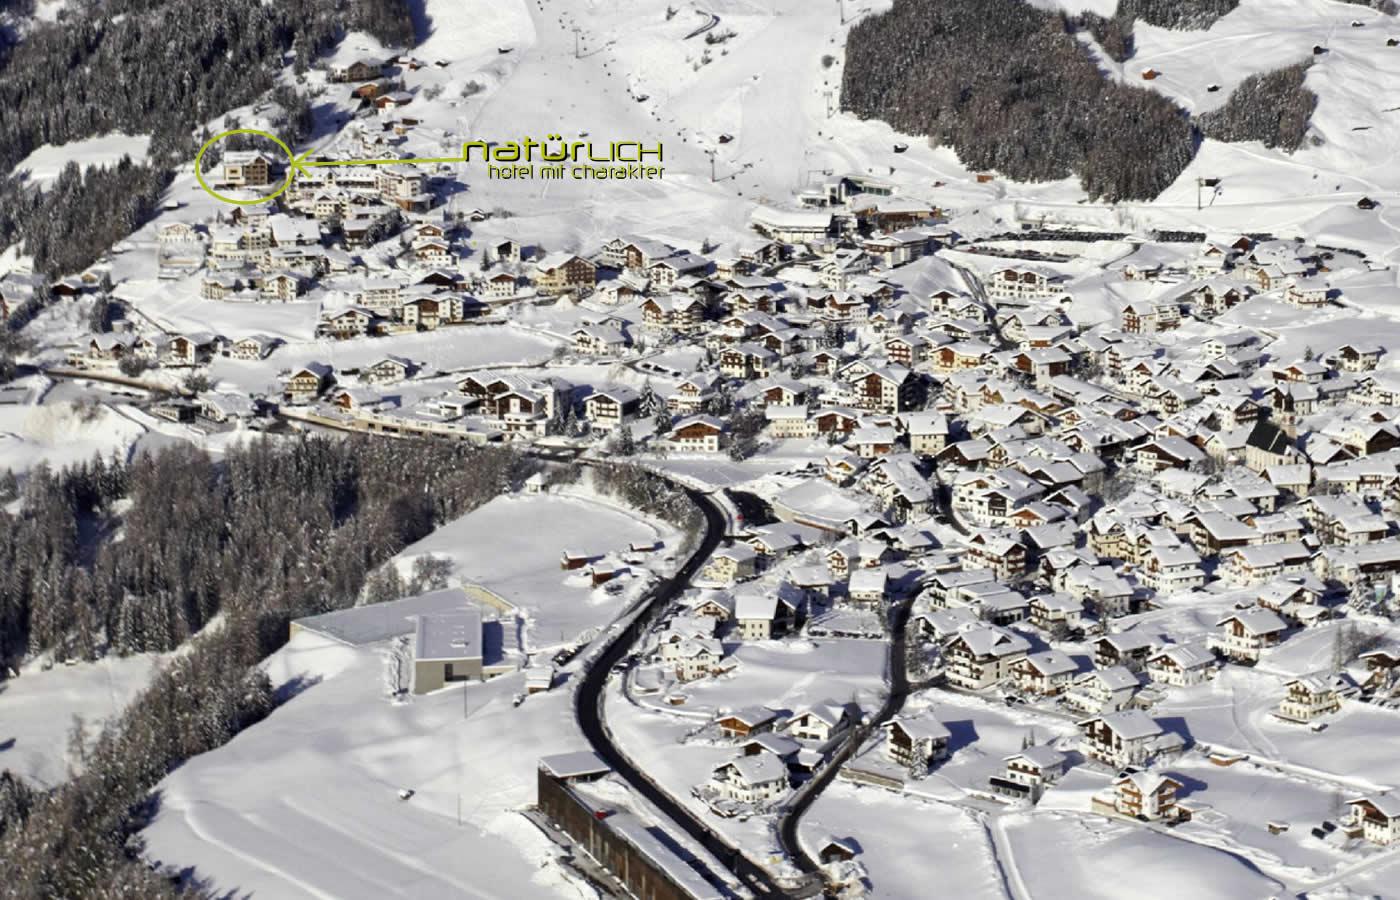 Luftaufnahme von Fiss in Tirol, Österreich